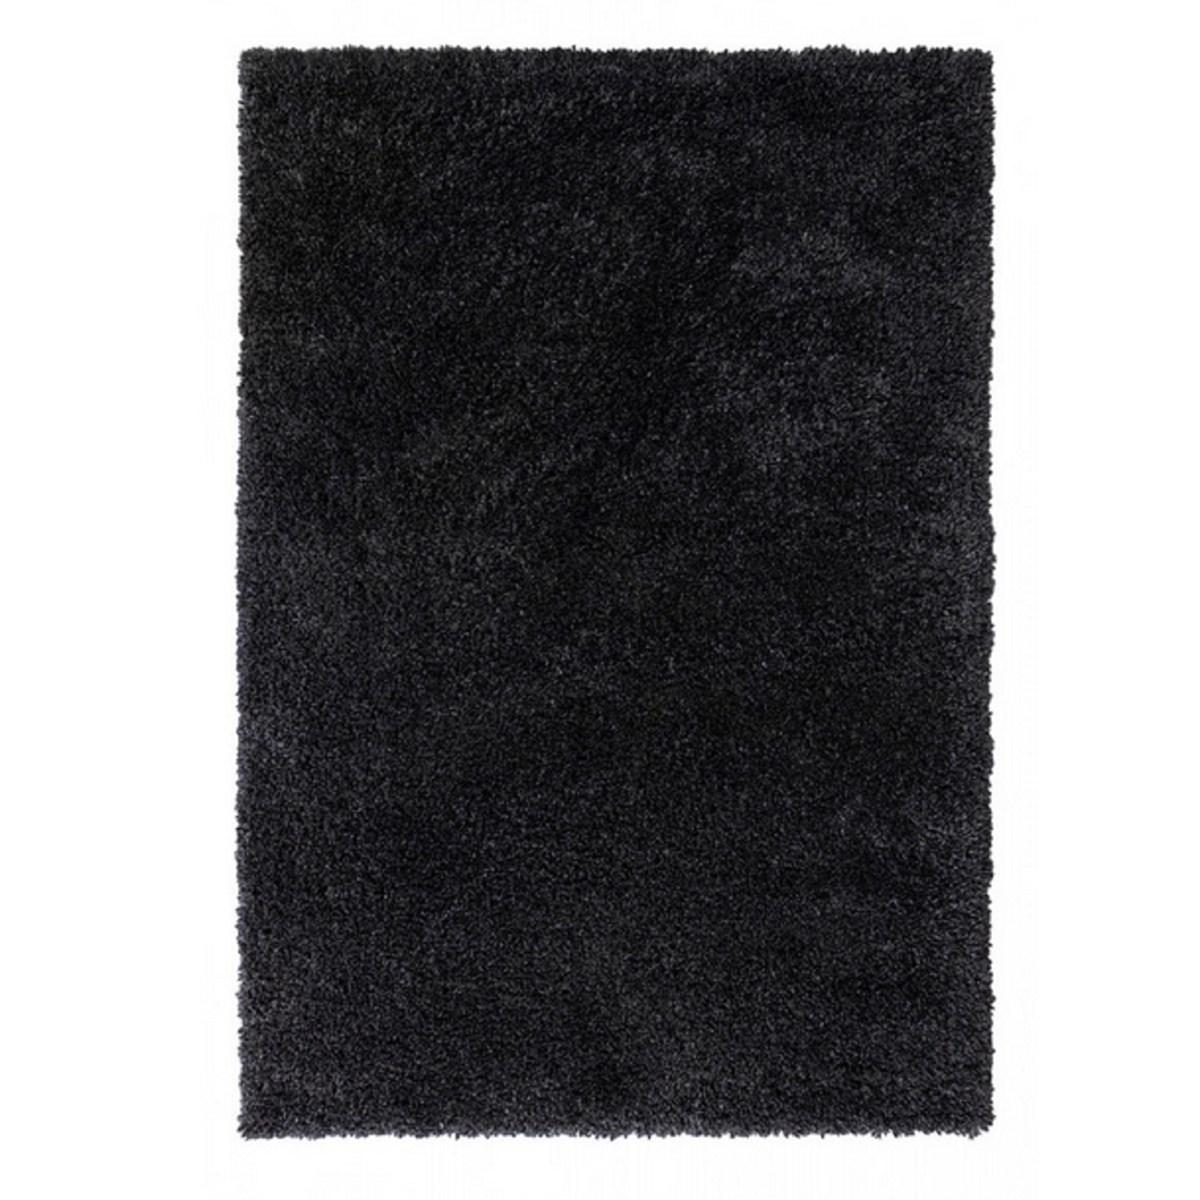 Tapis shaggy en Polypropylène Noir 60x110 cm